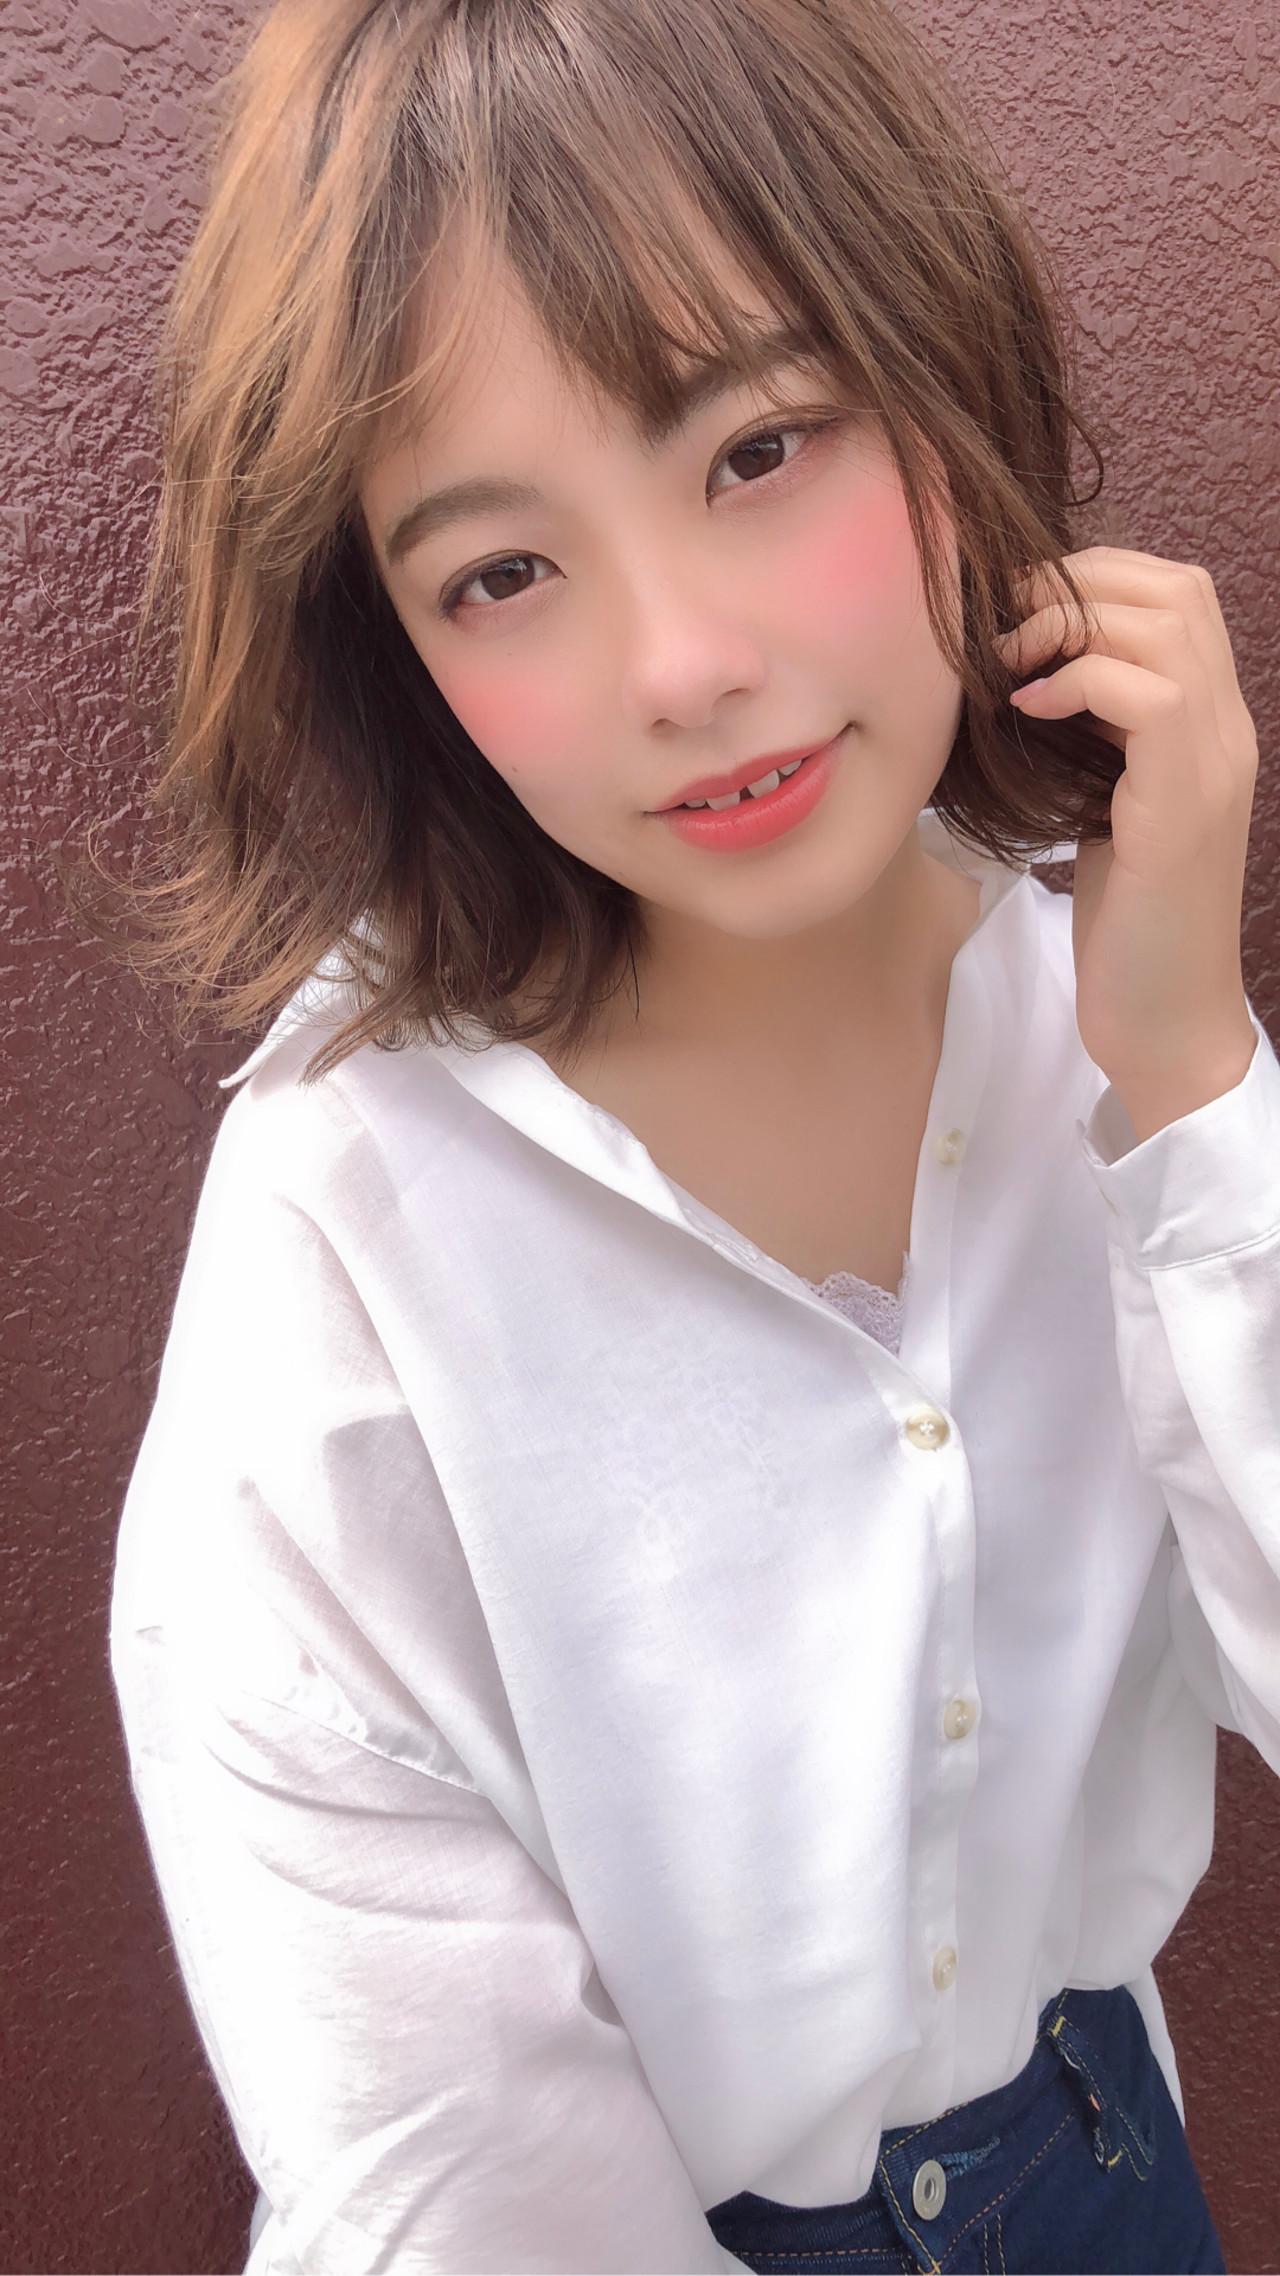 面長さんに!ふんわりパーマの小顔ボブ 篠田 雅樹